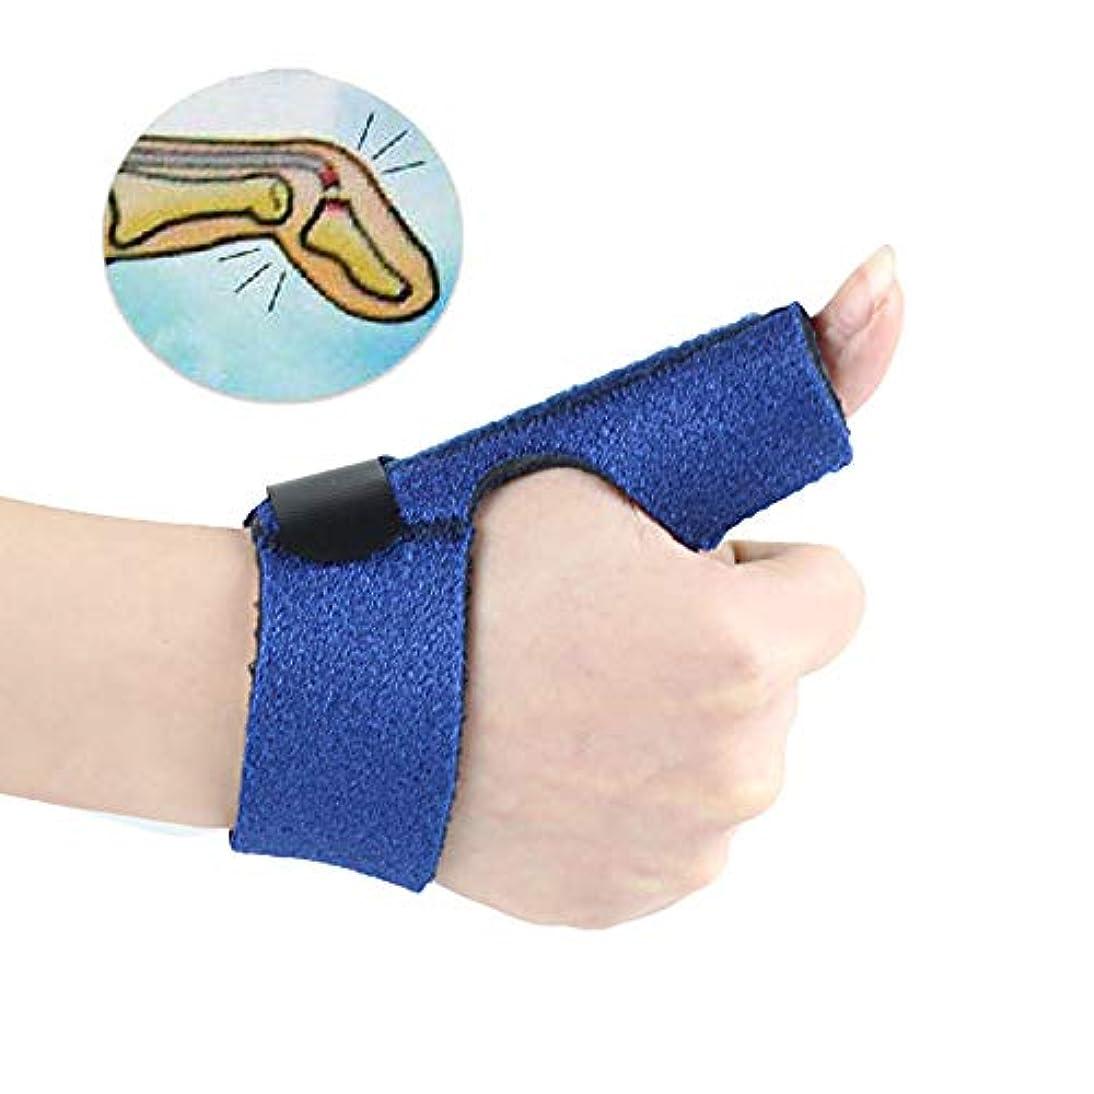 トリガーフィンガースプリント調整可能なプロテクターフィンガーサポートブレーススプリント、指の痛みを軽減するための内蔵アルミニウムサポート